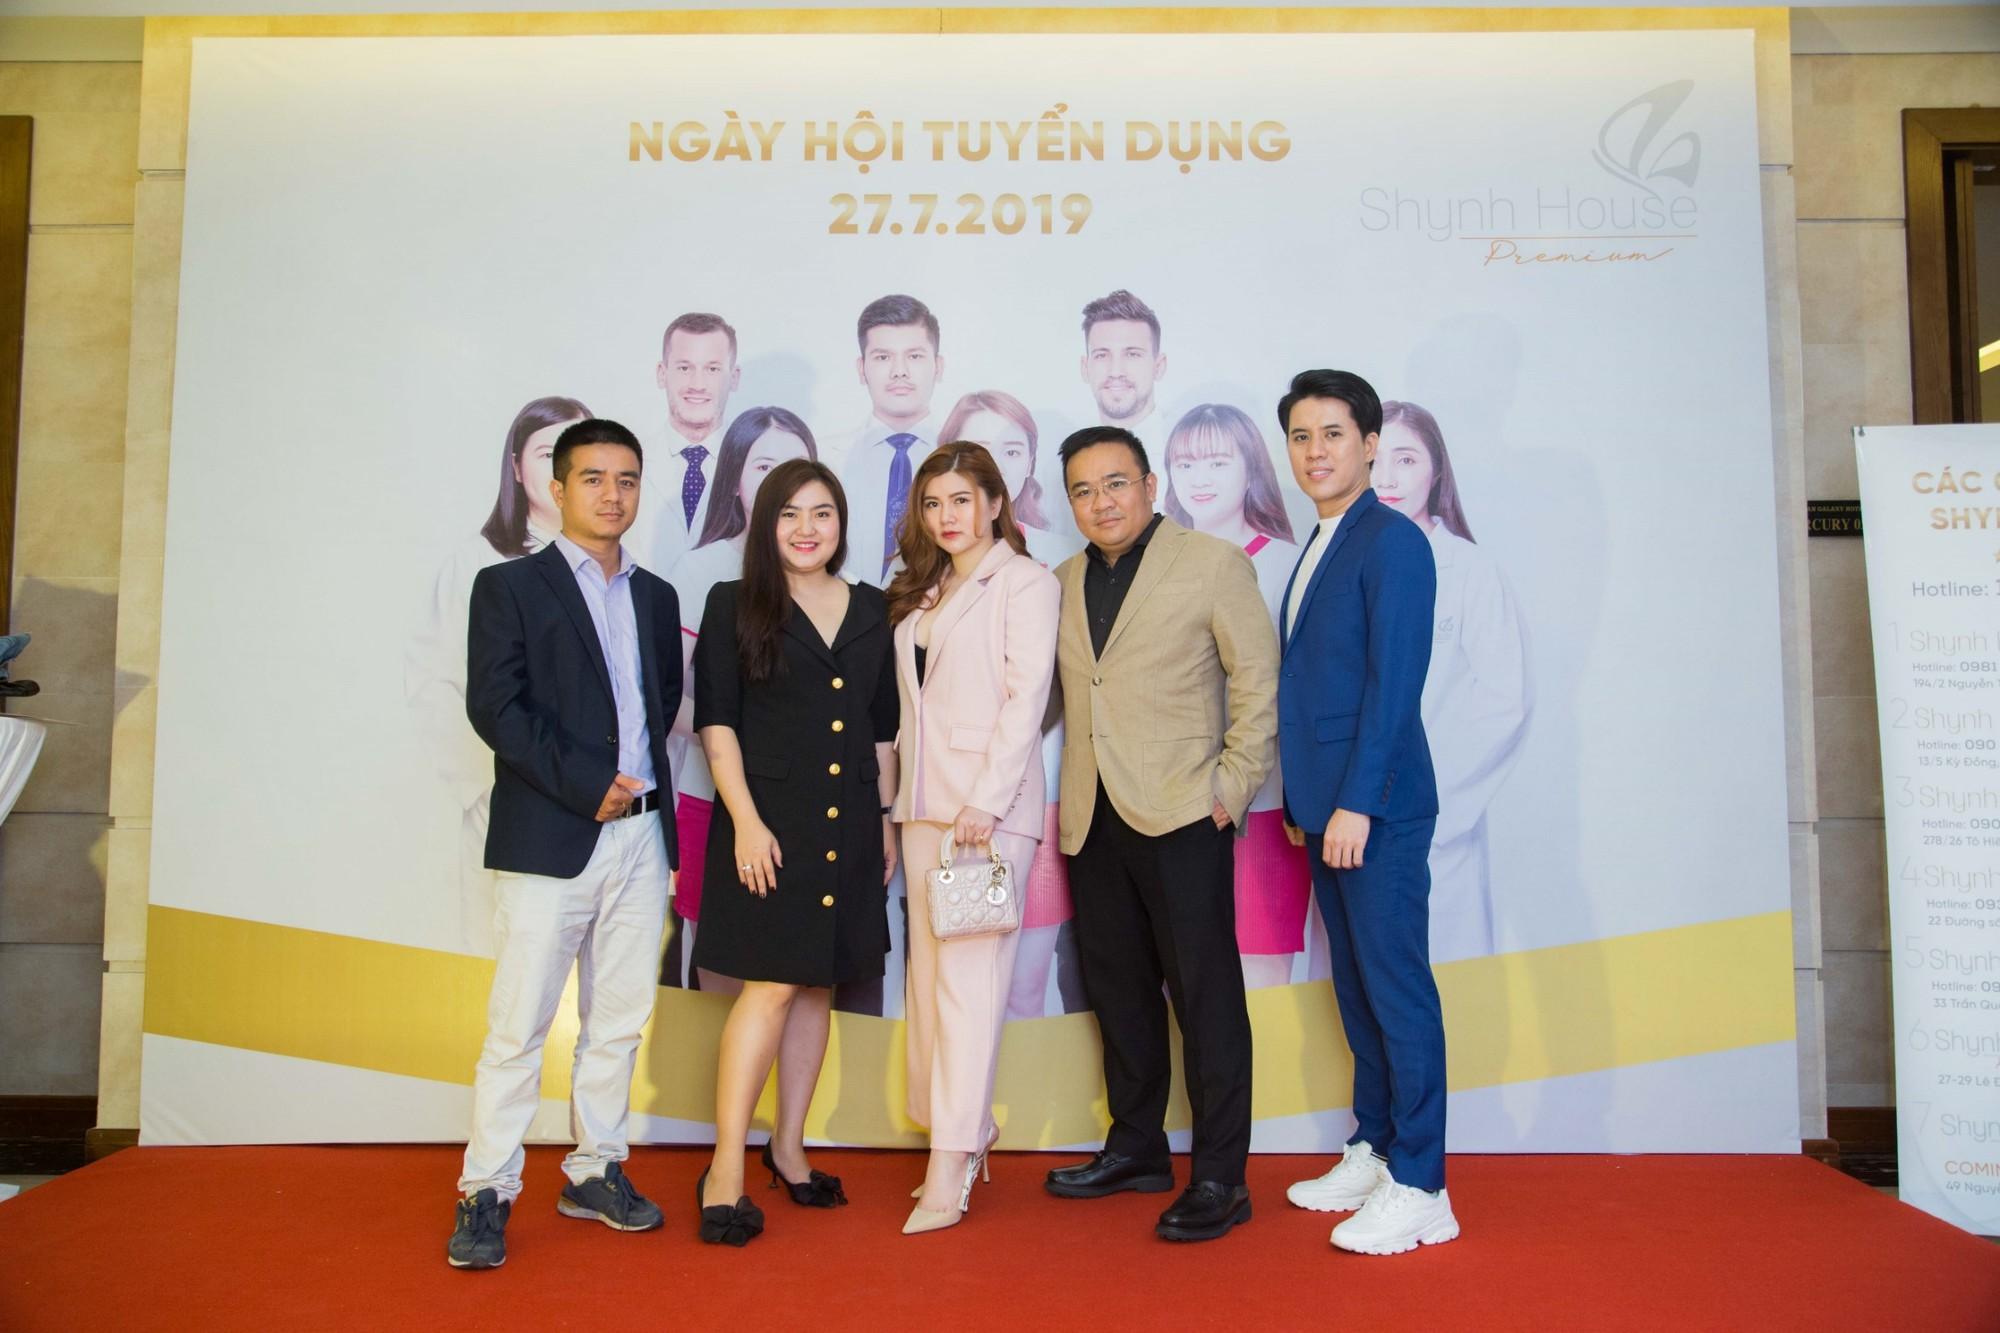 Shynh House Đà Nẵng thu hút khách với không gian đẳng cấp - Ảnh 8.